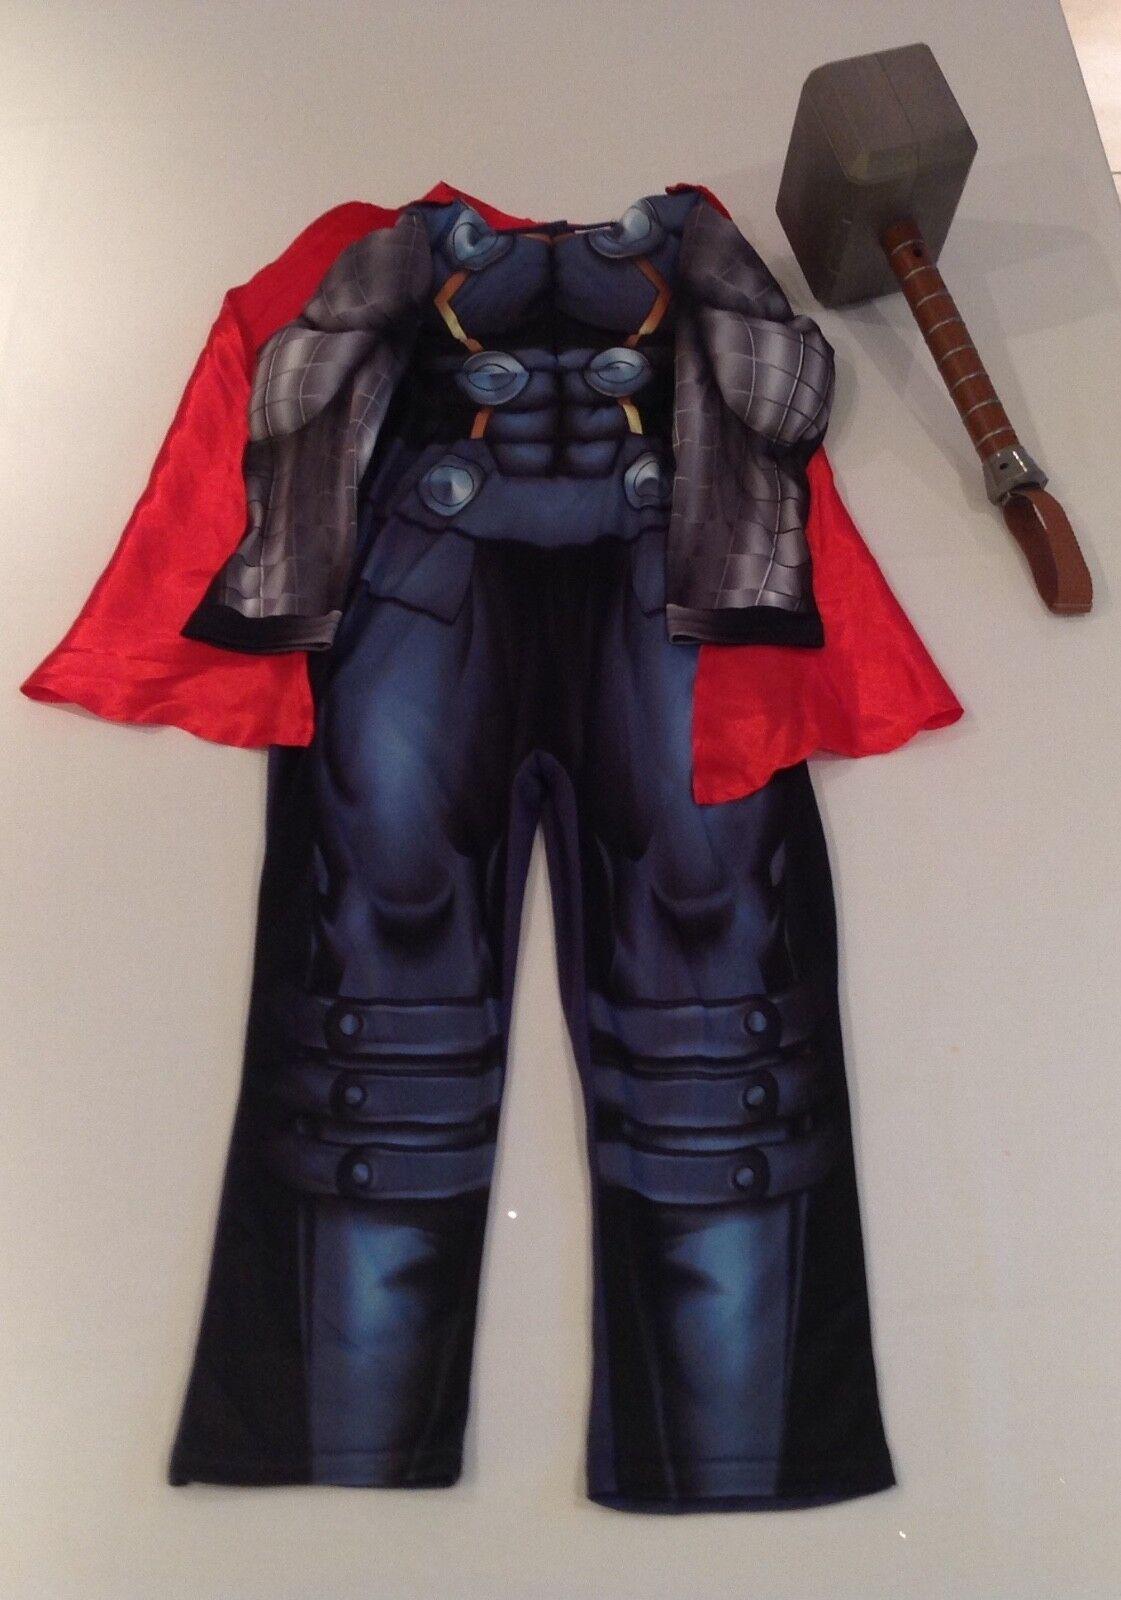 Marvel Avengers Thor costume Age 7 - 8 & MARVEL THOR HAMMER - CHARACTER PHRASES